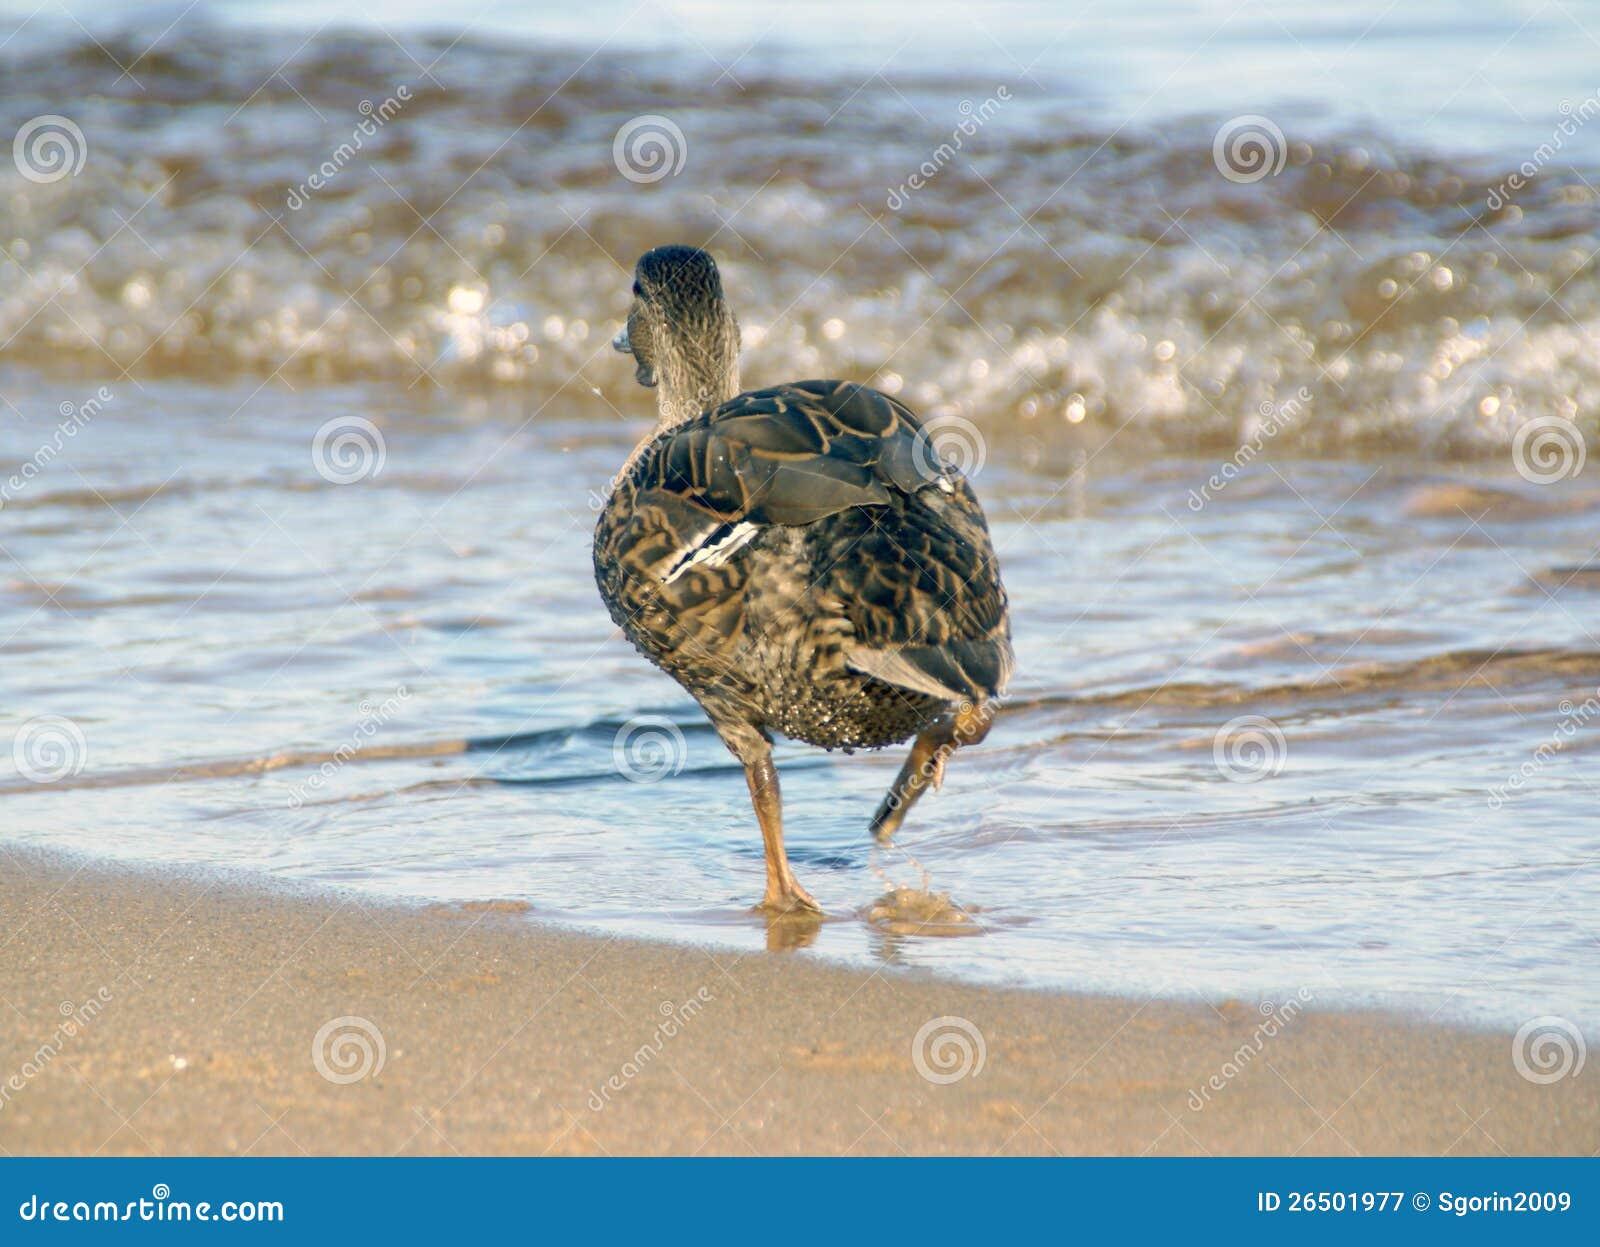 O pato que funciona para molhar